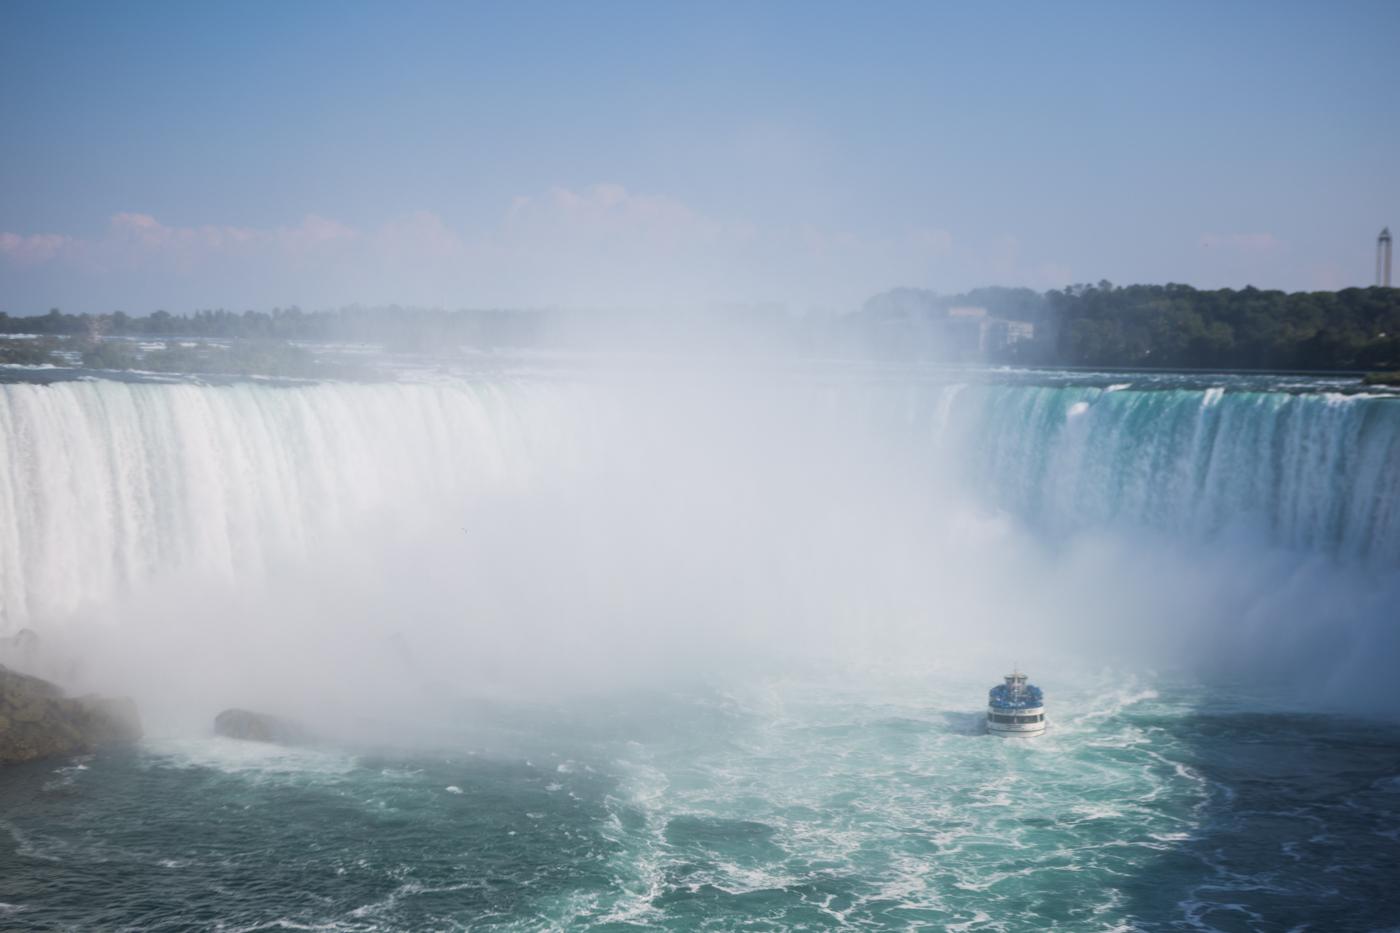 Bolandia_Blog_Montreal-Osheaga-Niagara-Falls-4178.jpg